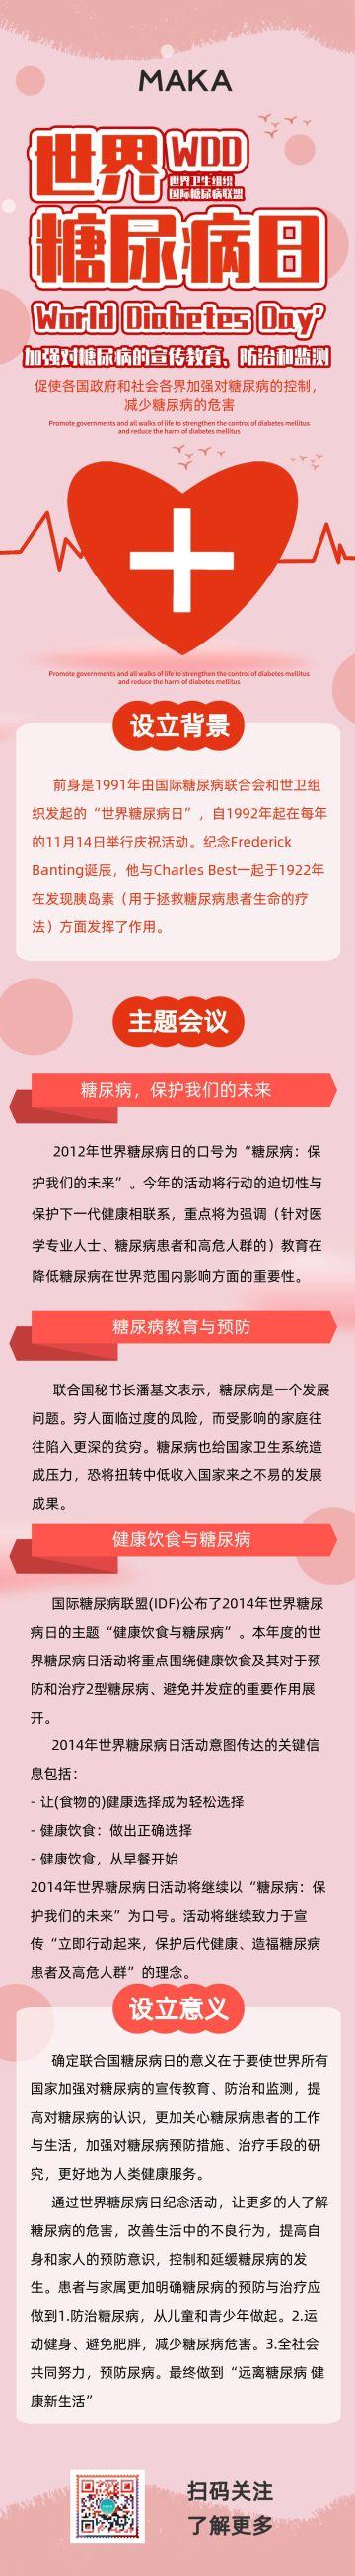 红色简约风格世界糖尿病日知识科普宣传文章长图